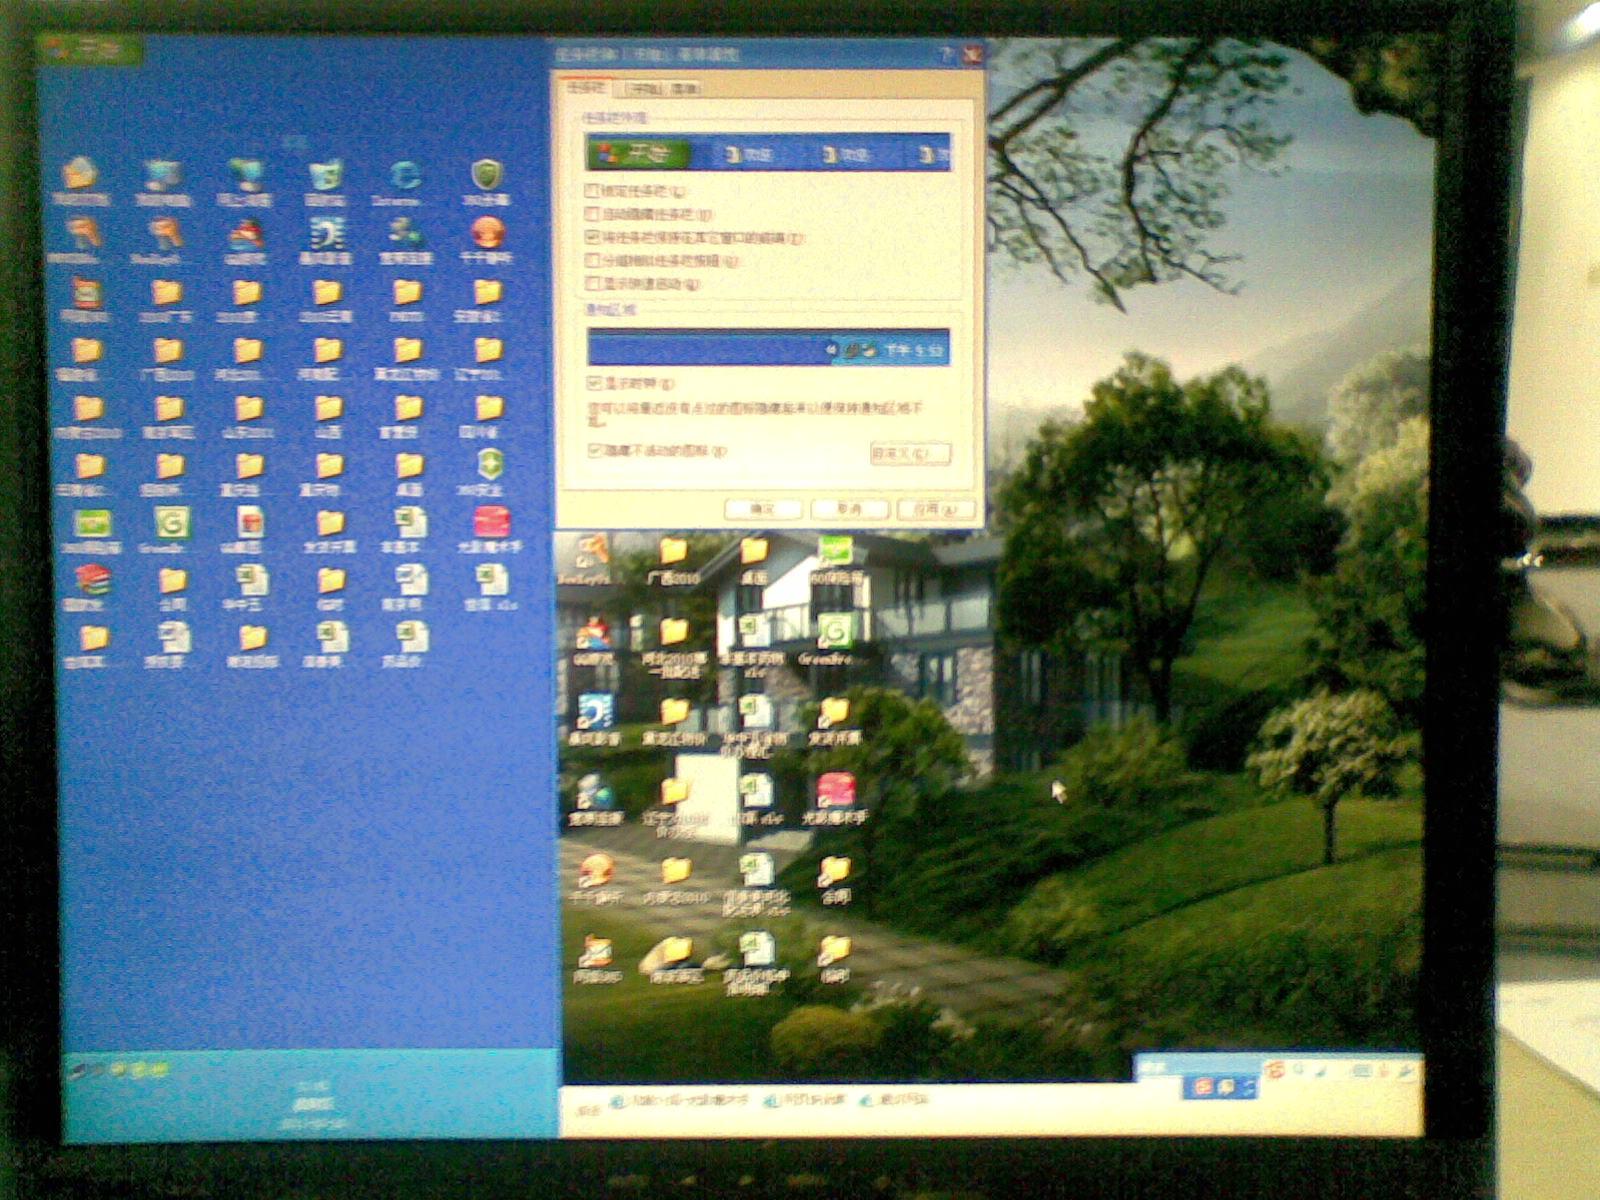 我的电脑任务栏跑到右边去了,怎么办图片